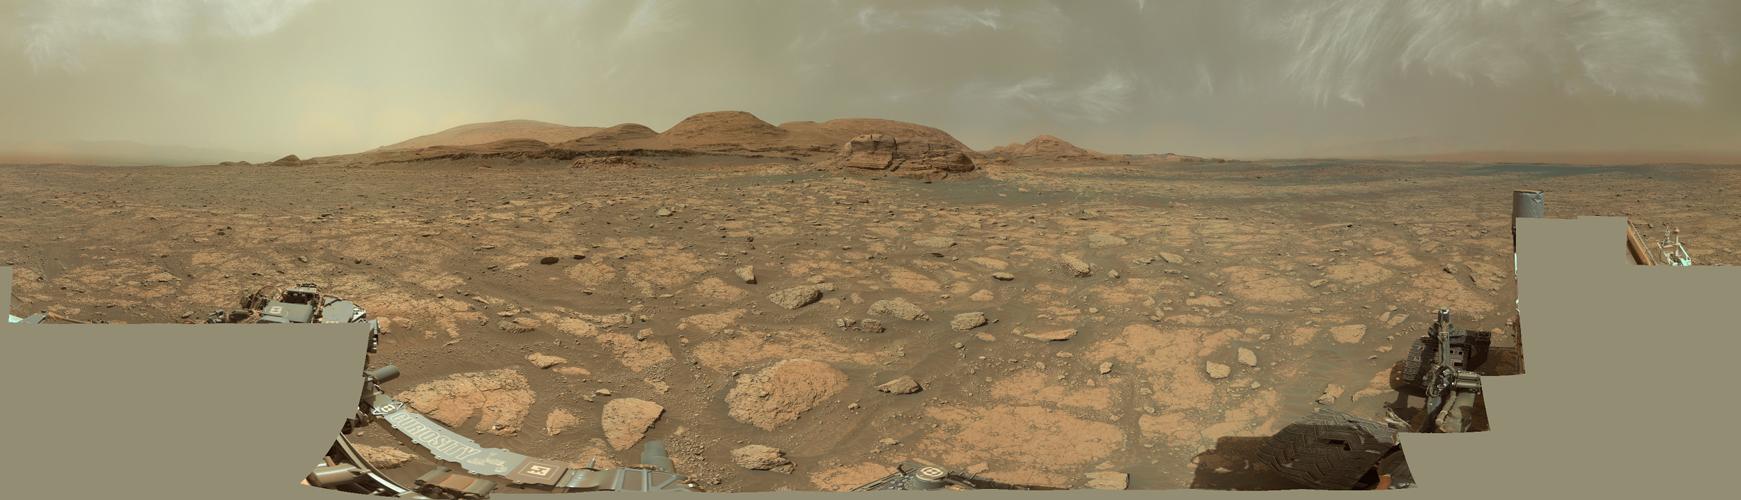 3048 jours martiens pour Curiosity